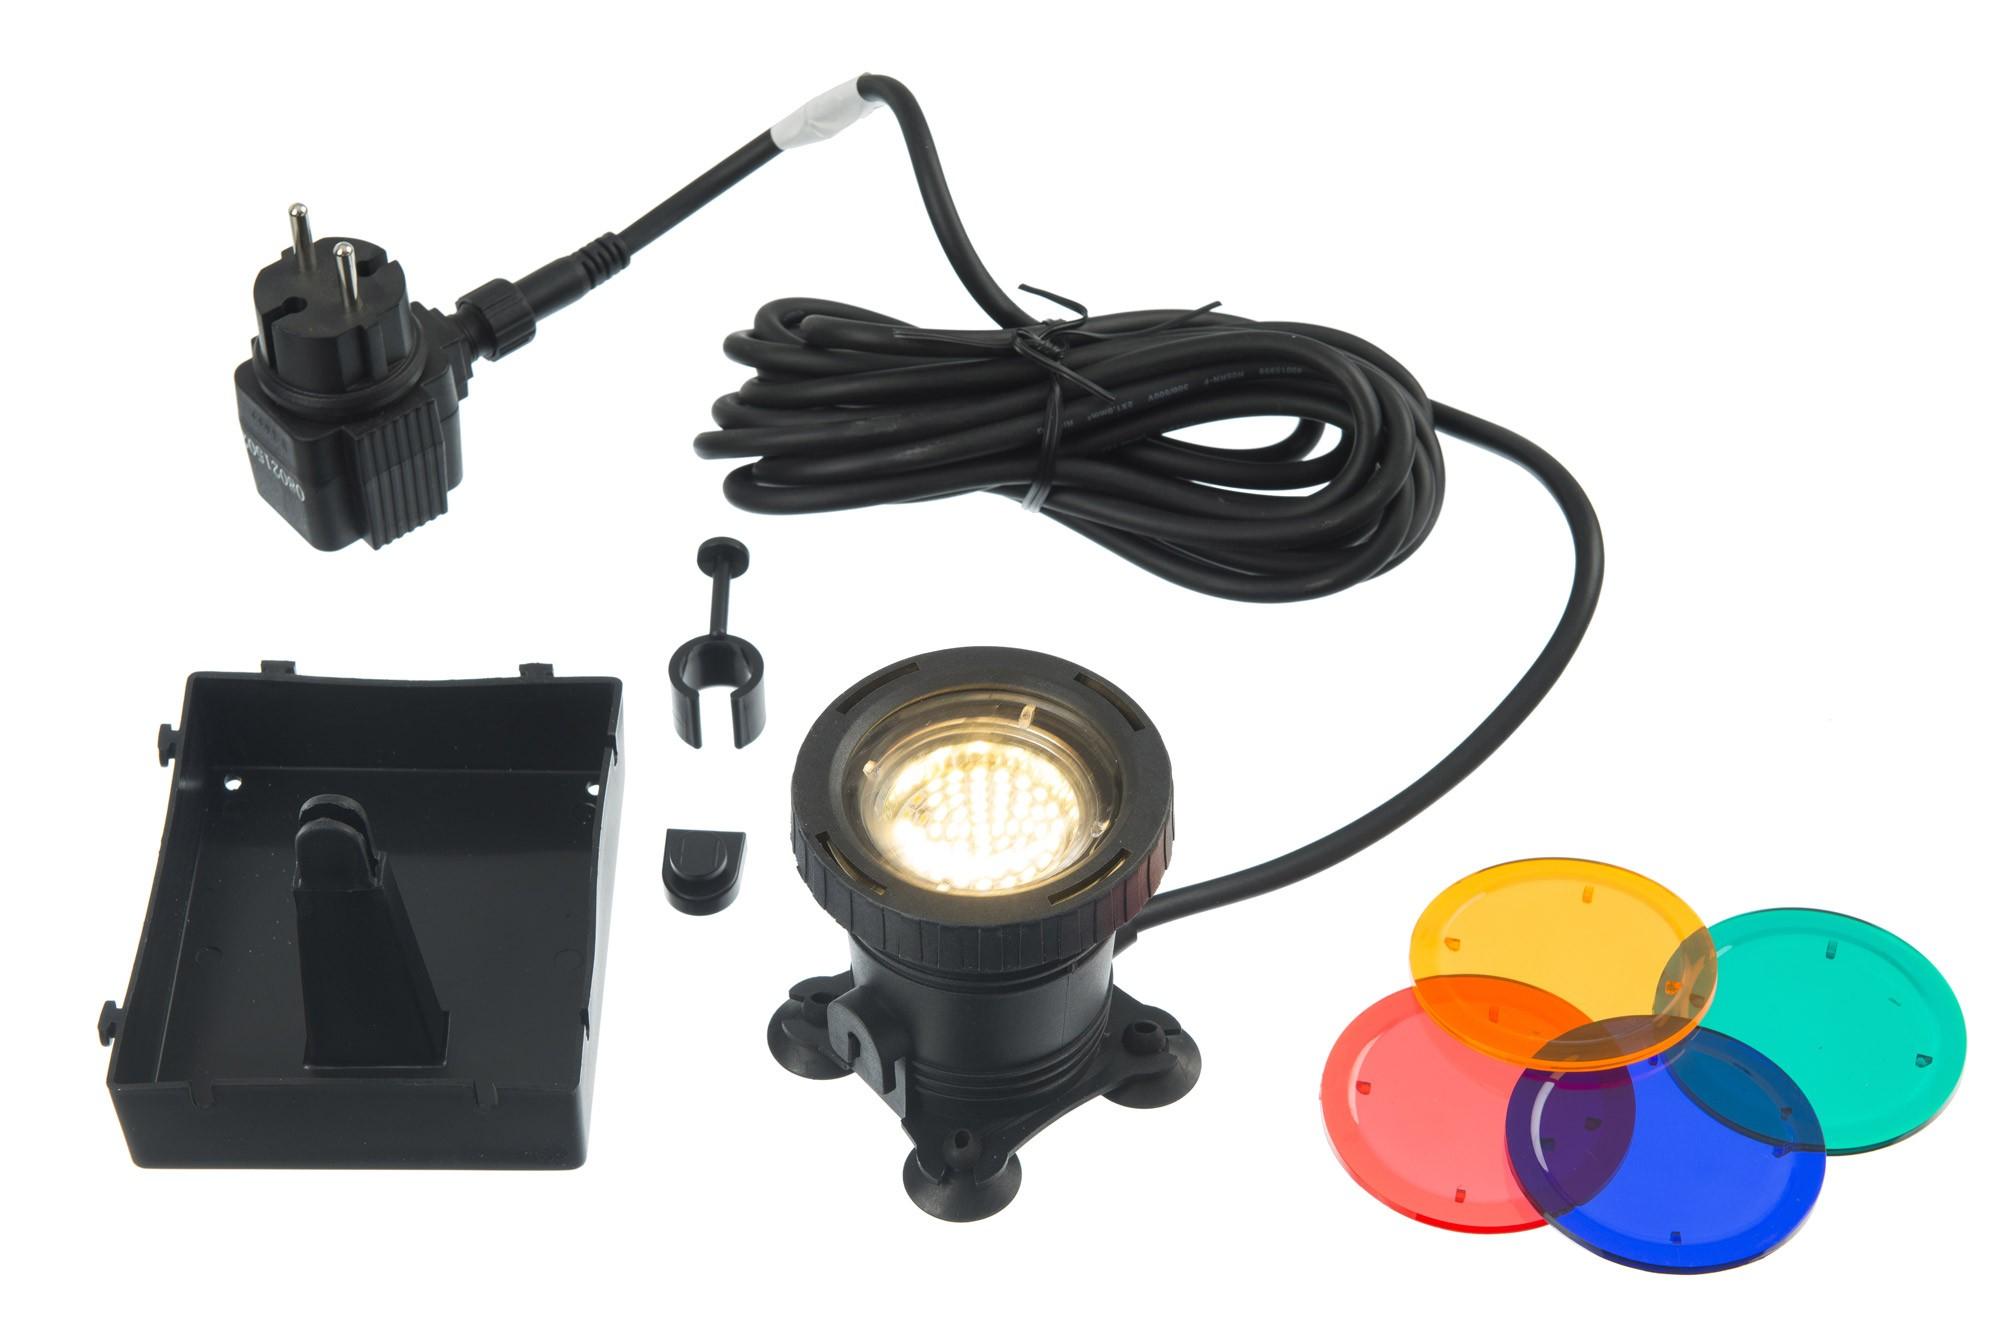 Unterwasserbeleuchtung / Teichbeleuchtung Ubbink Aqualight 60 LED Bild 1